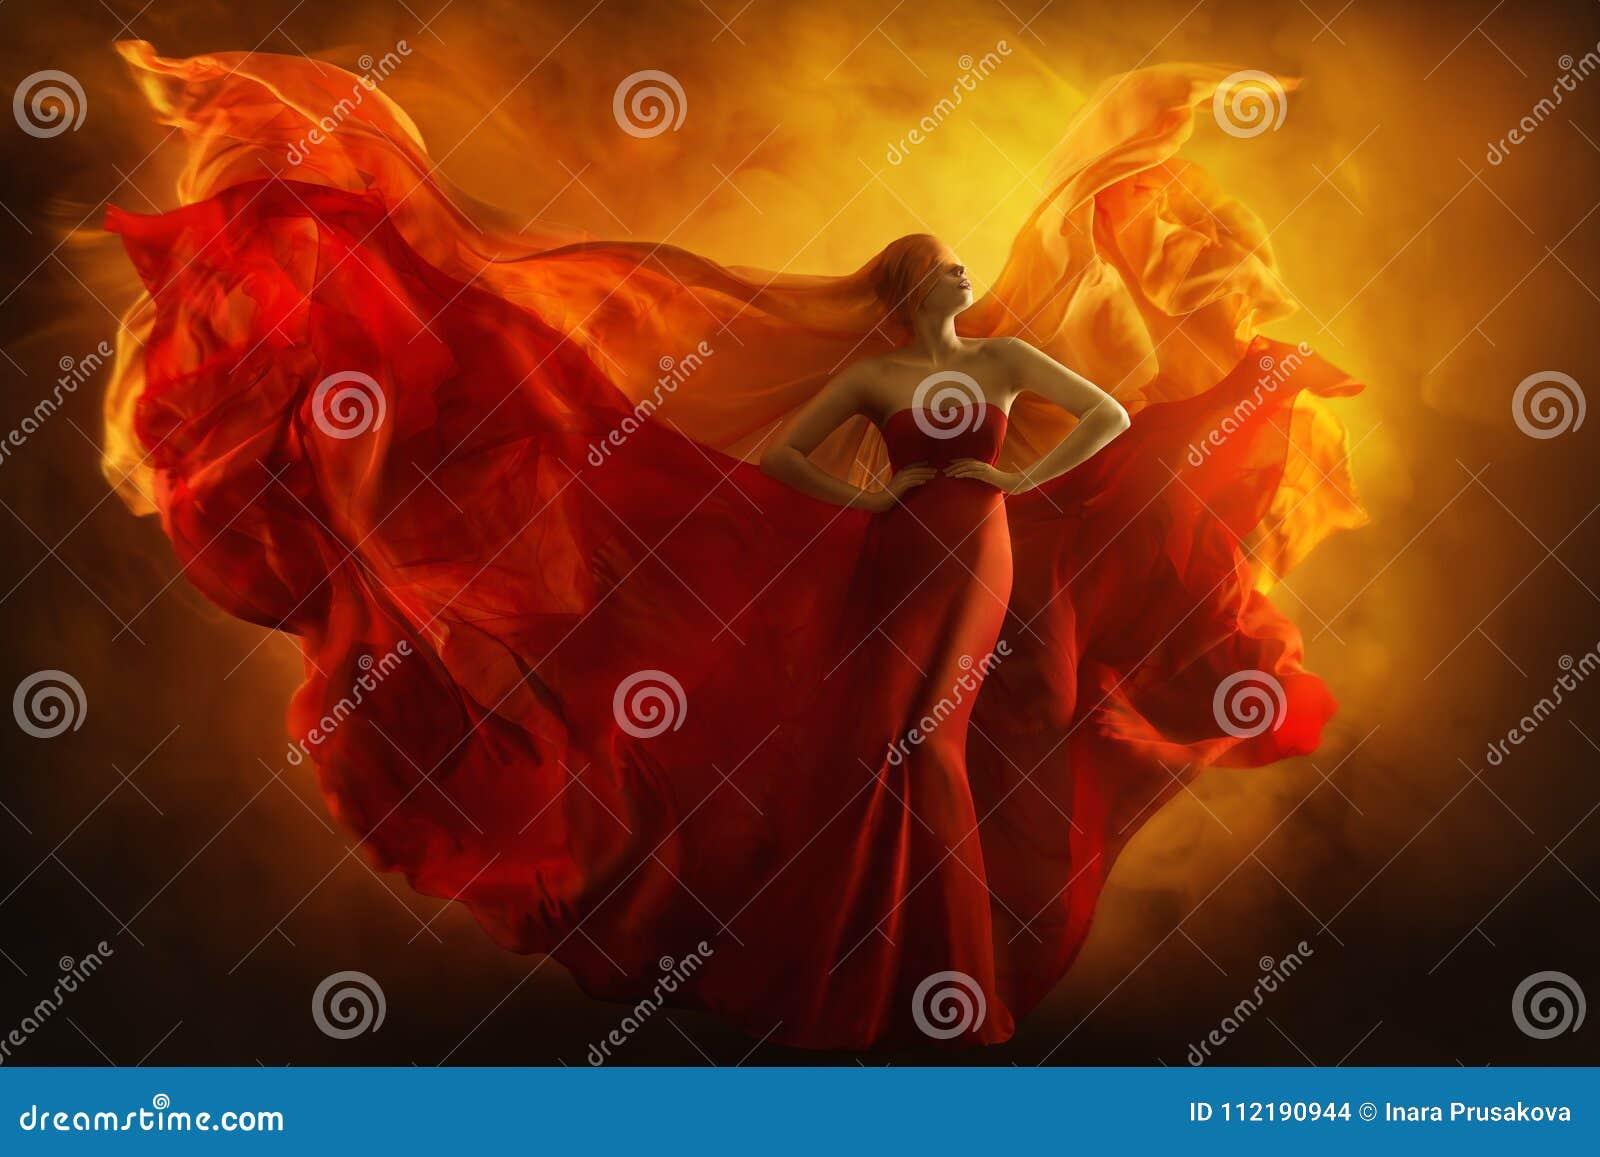 El vestido del fuego de la fantasía del arte del modelo de moda, mujer con los ojos vendados sueña